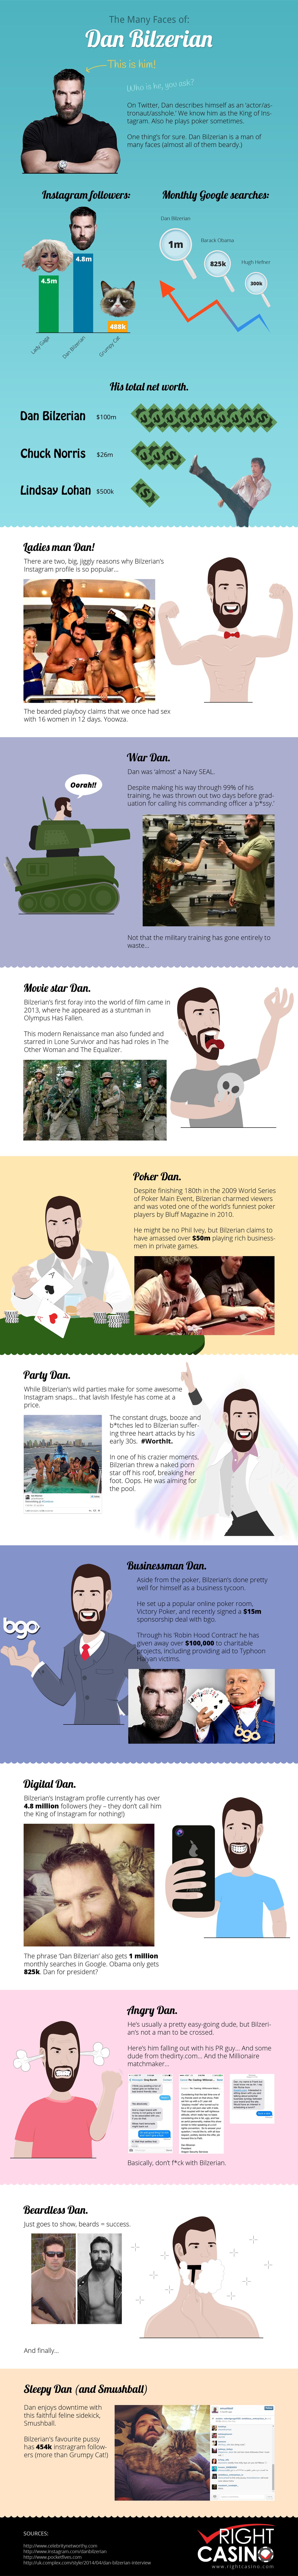 DanBilzerian-Infographic-75